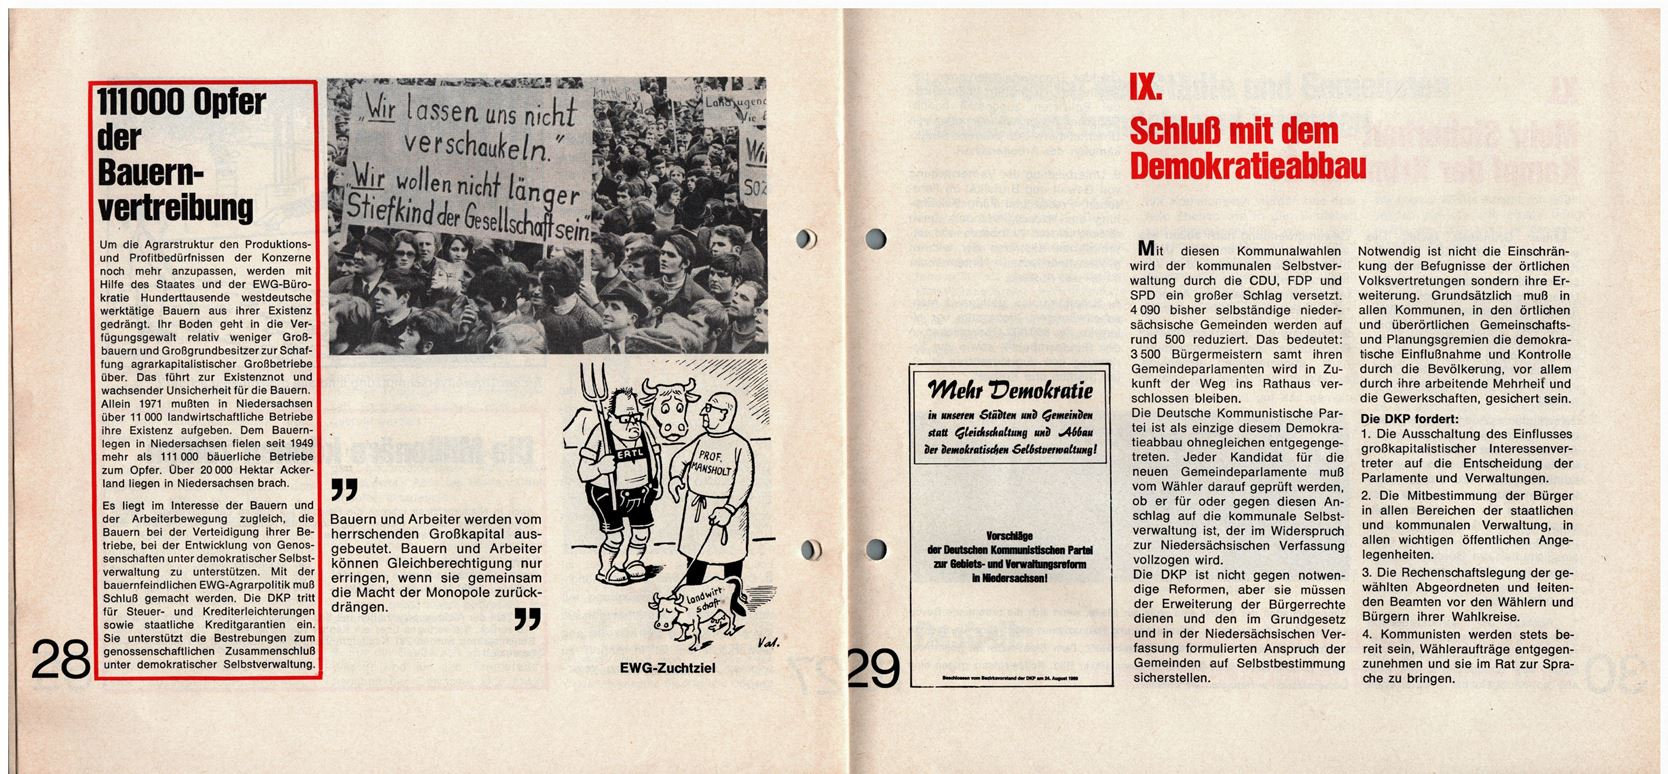 Niedersachsen_DKP052